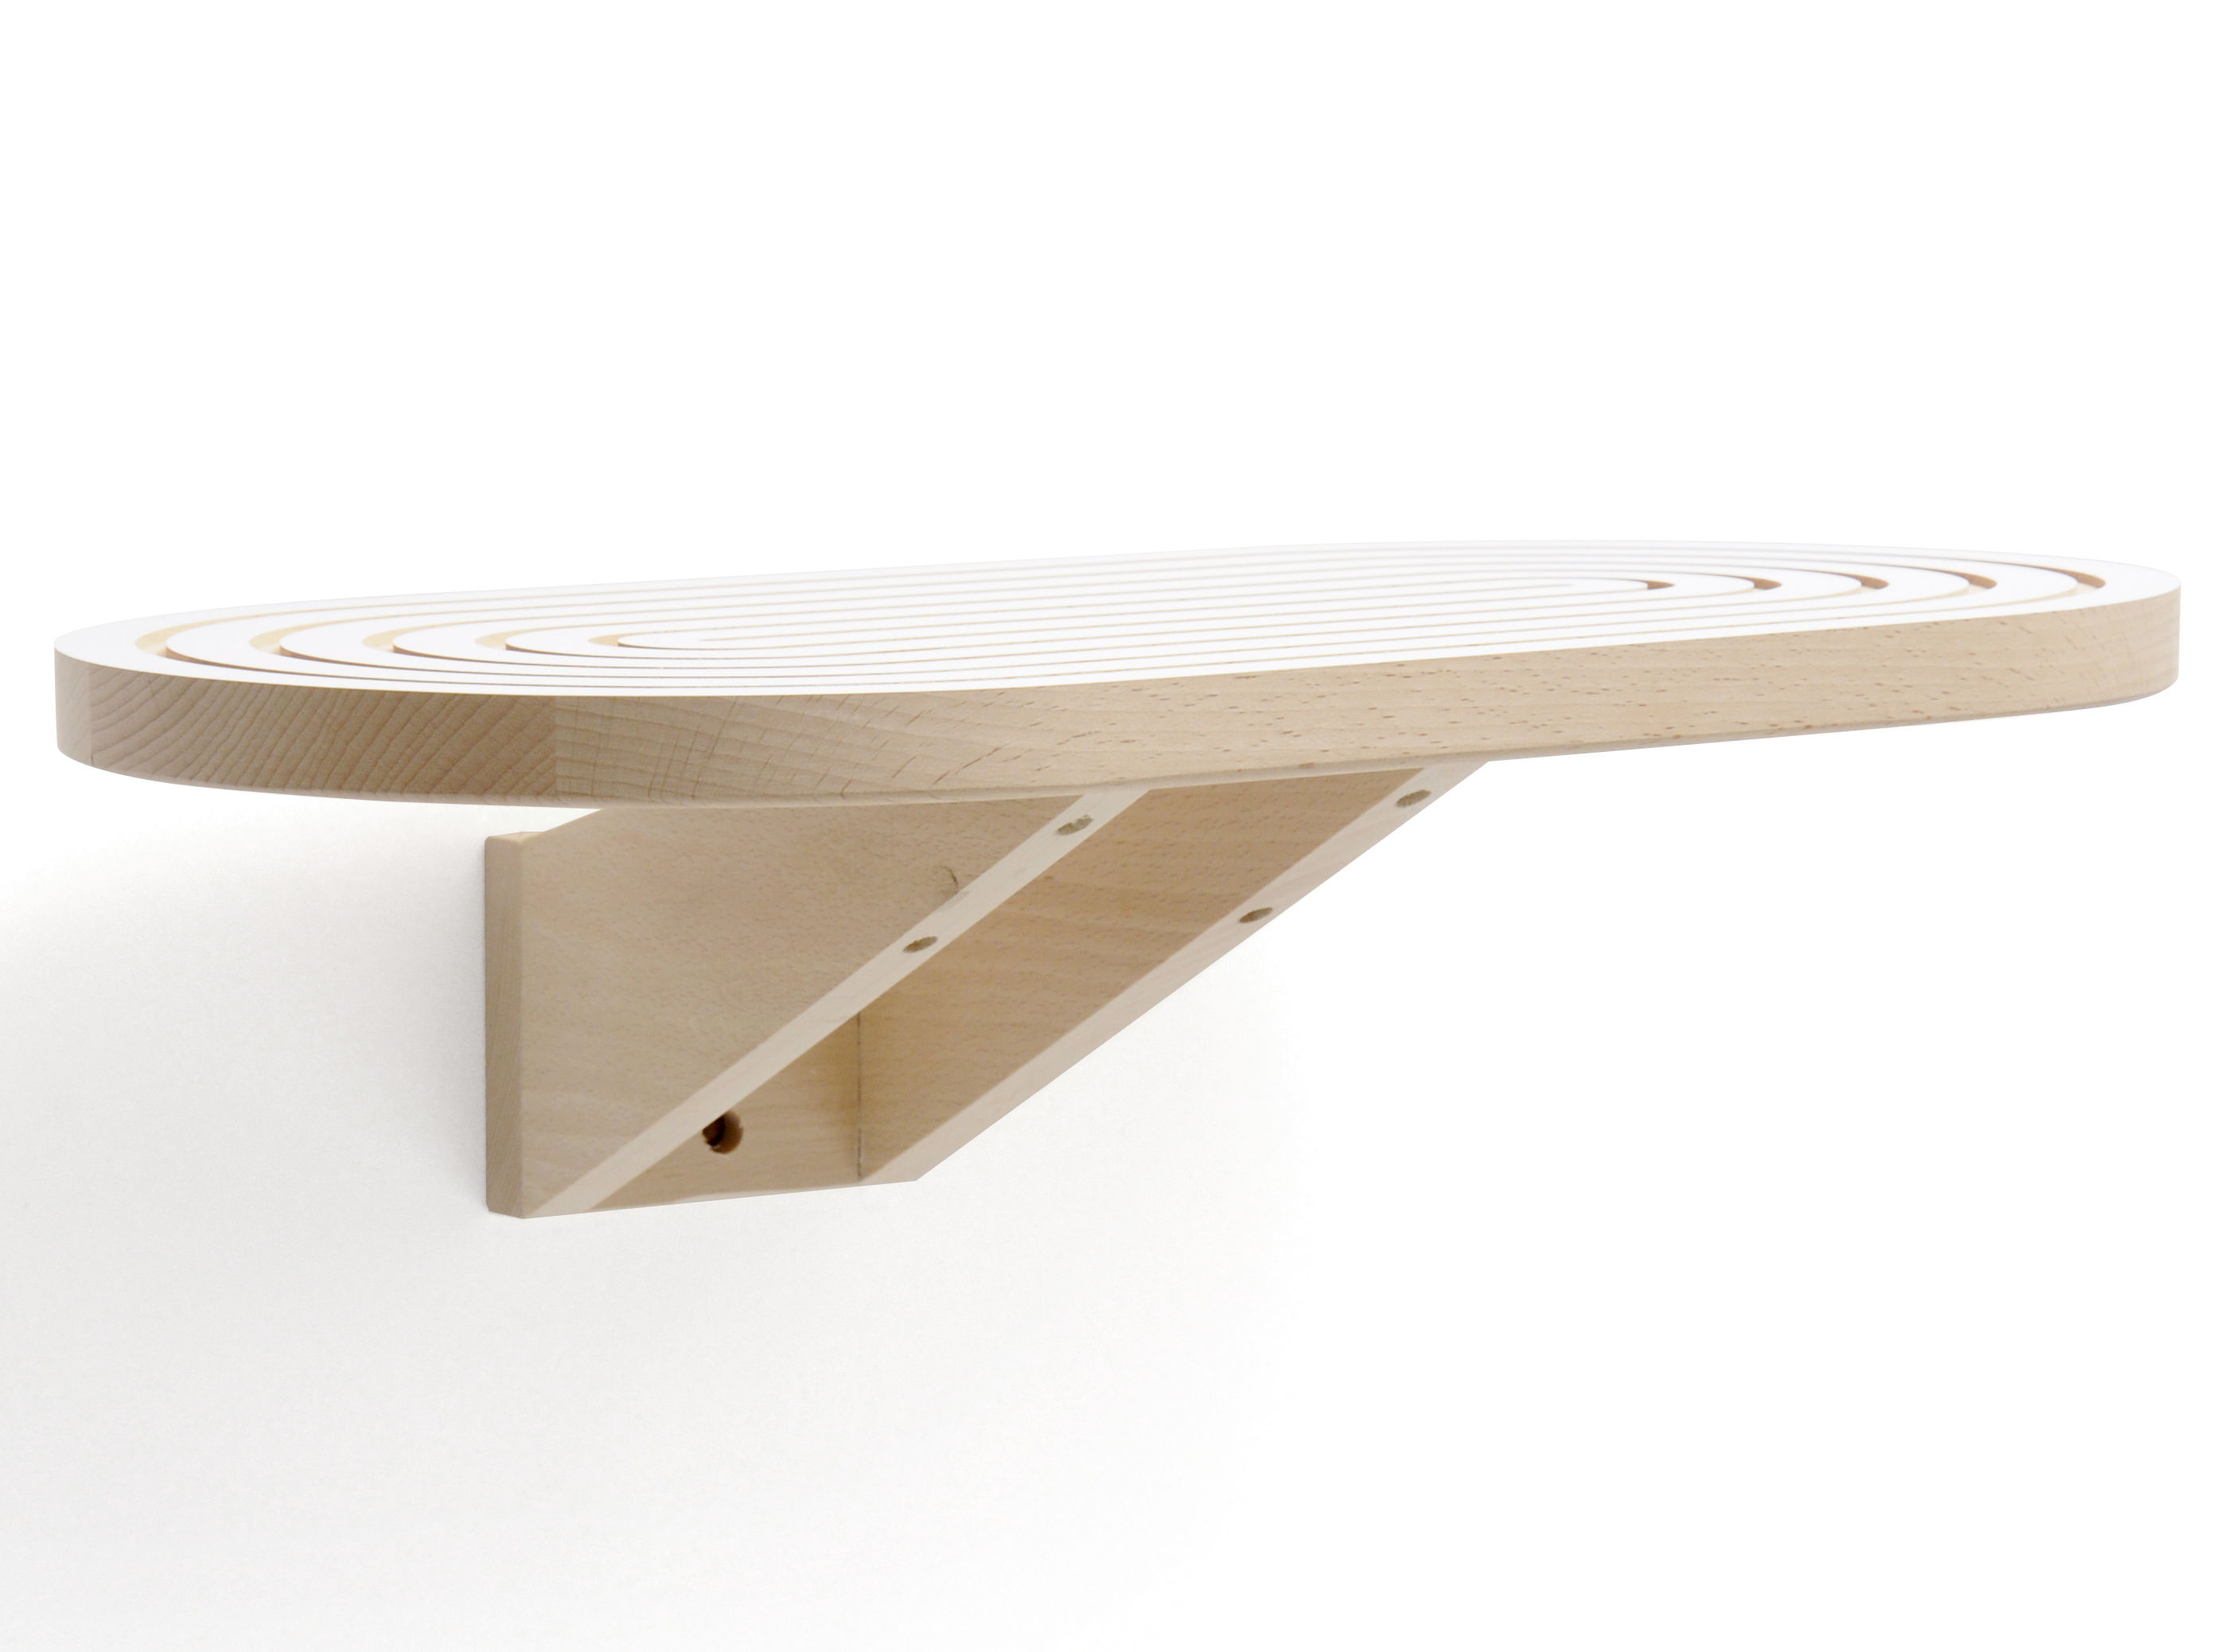 etag re marquise ovale 46 x 25 cm blanc bois naturel y 39 a pas le feu au lac. Black Bedroom Furniture Sets. Home Design Ideas